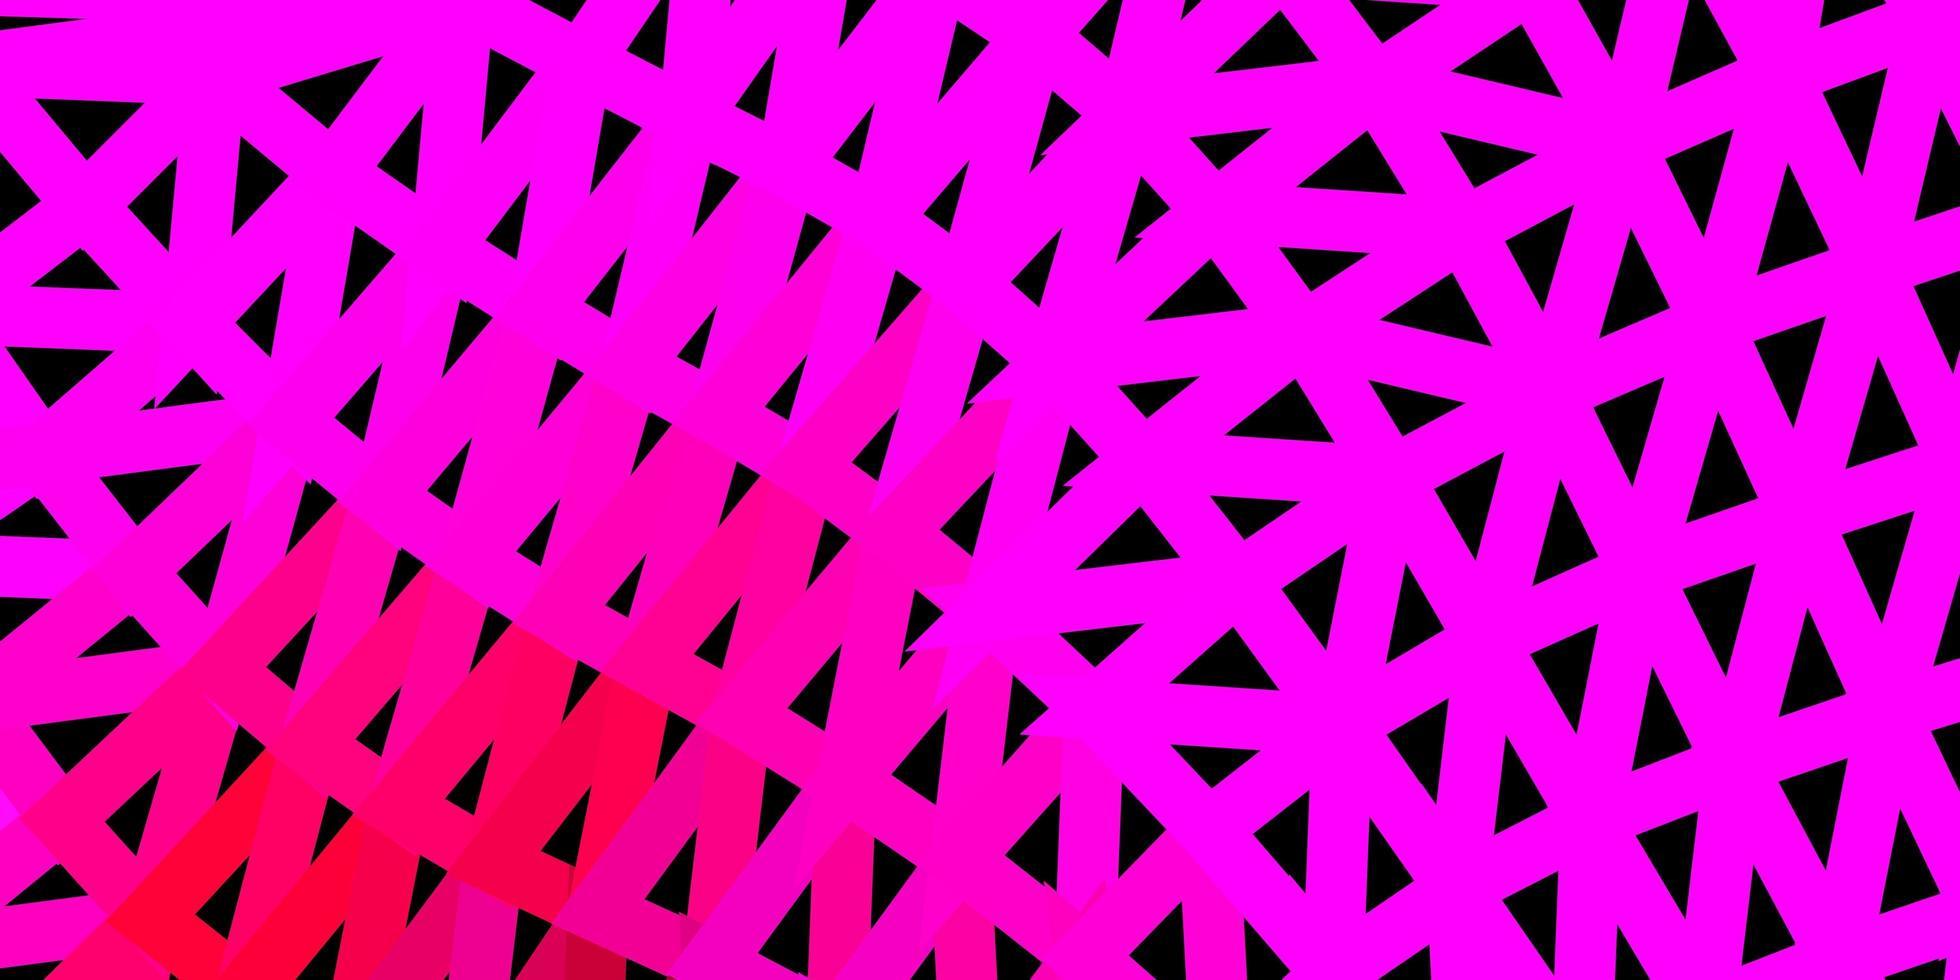 sfondo triangolo astratto vettoriale viola scuro, rosa.